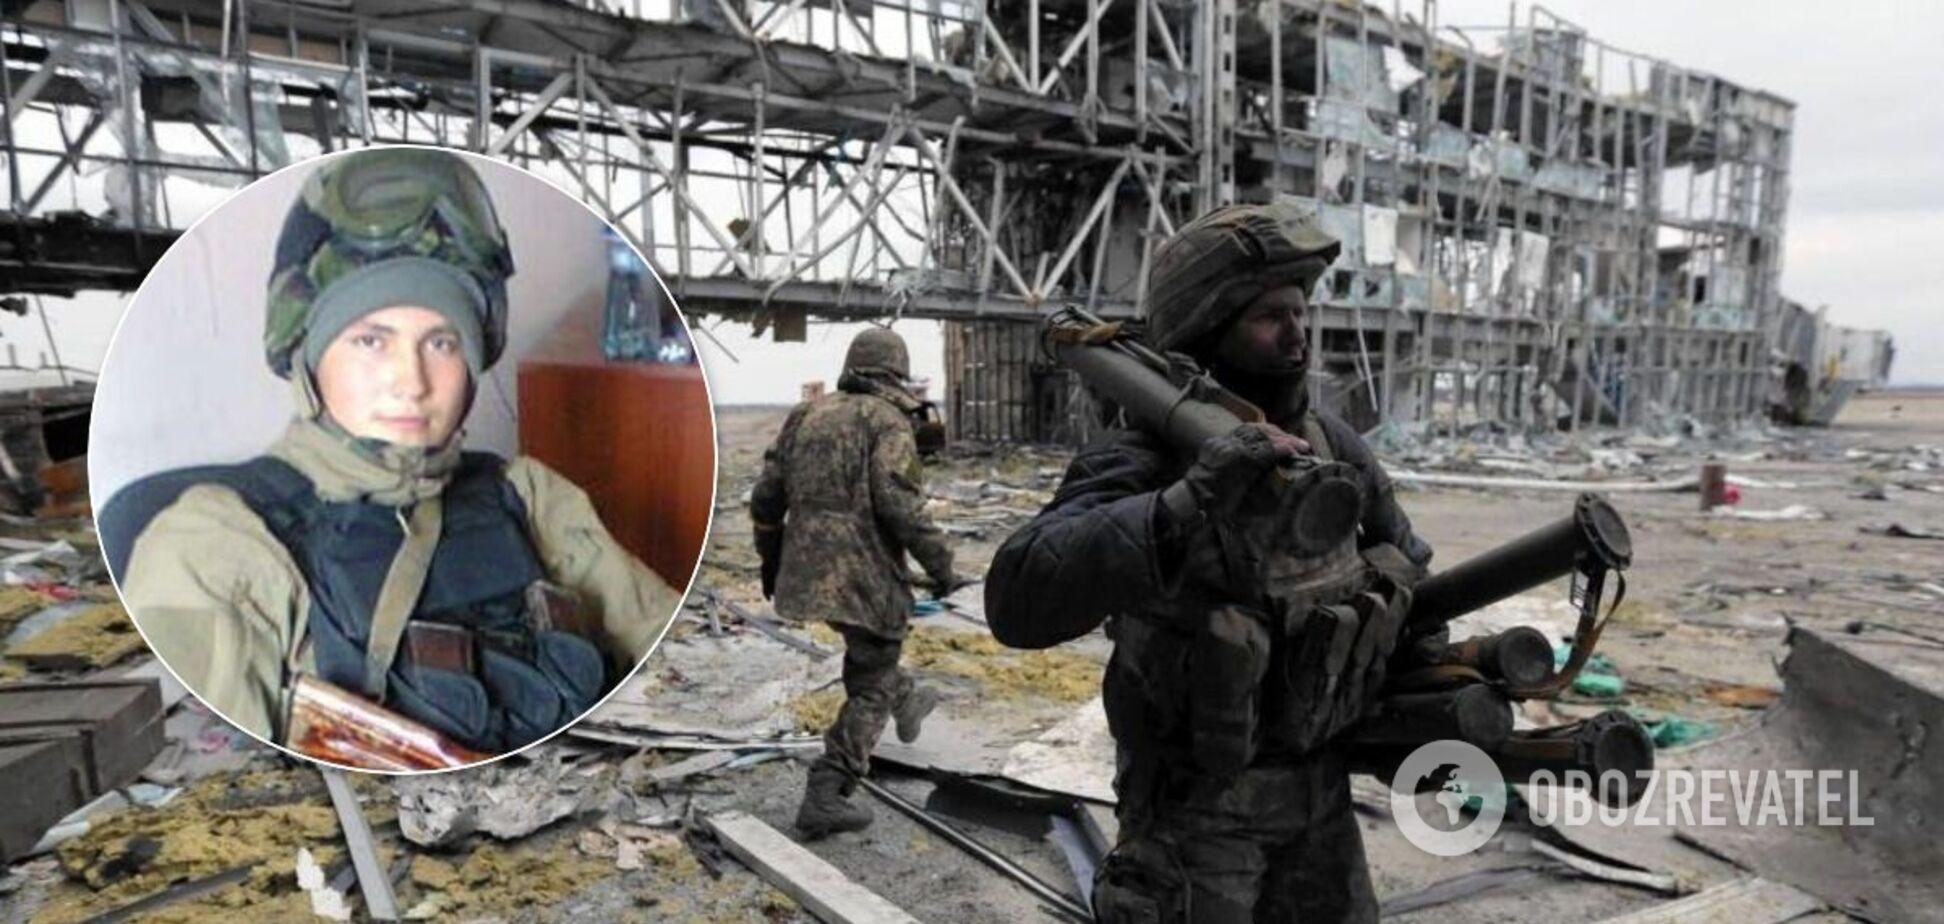 Сергей Табала стал самым младшим киборгом, который погиб в ДАП